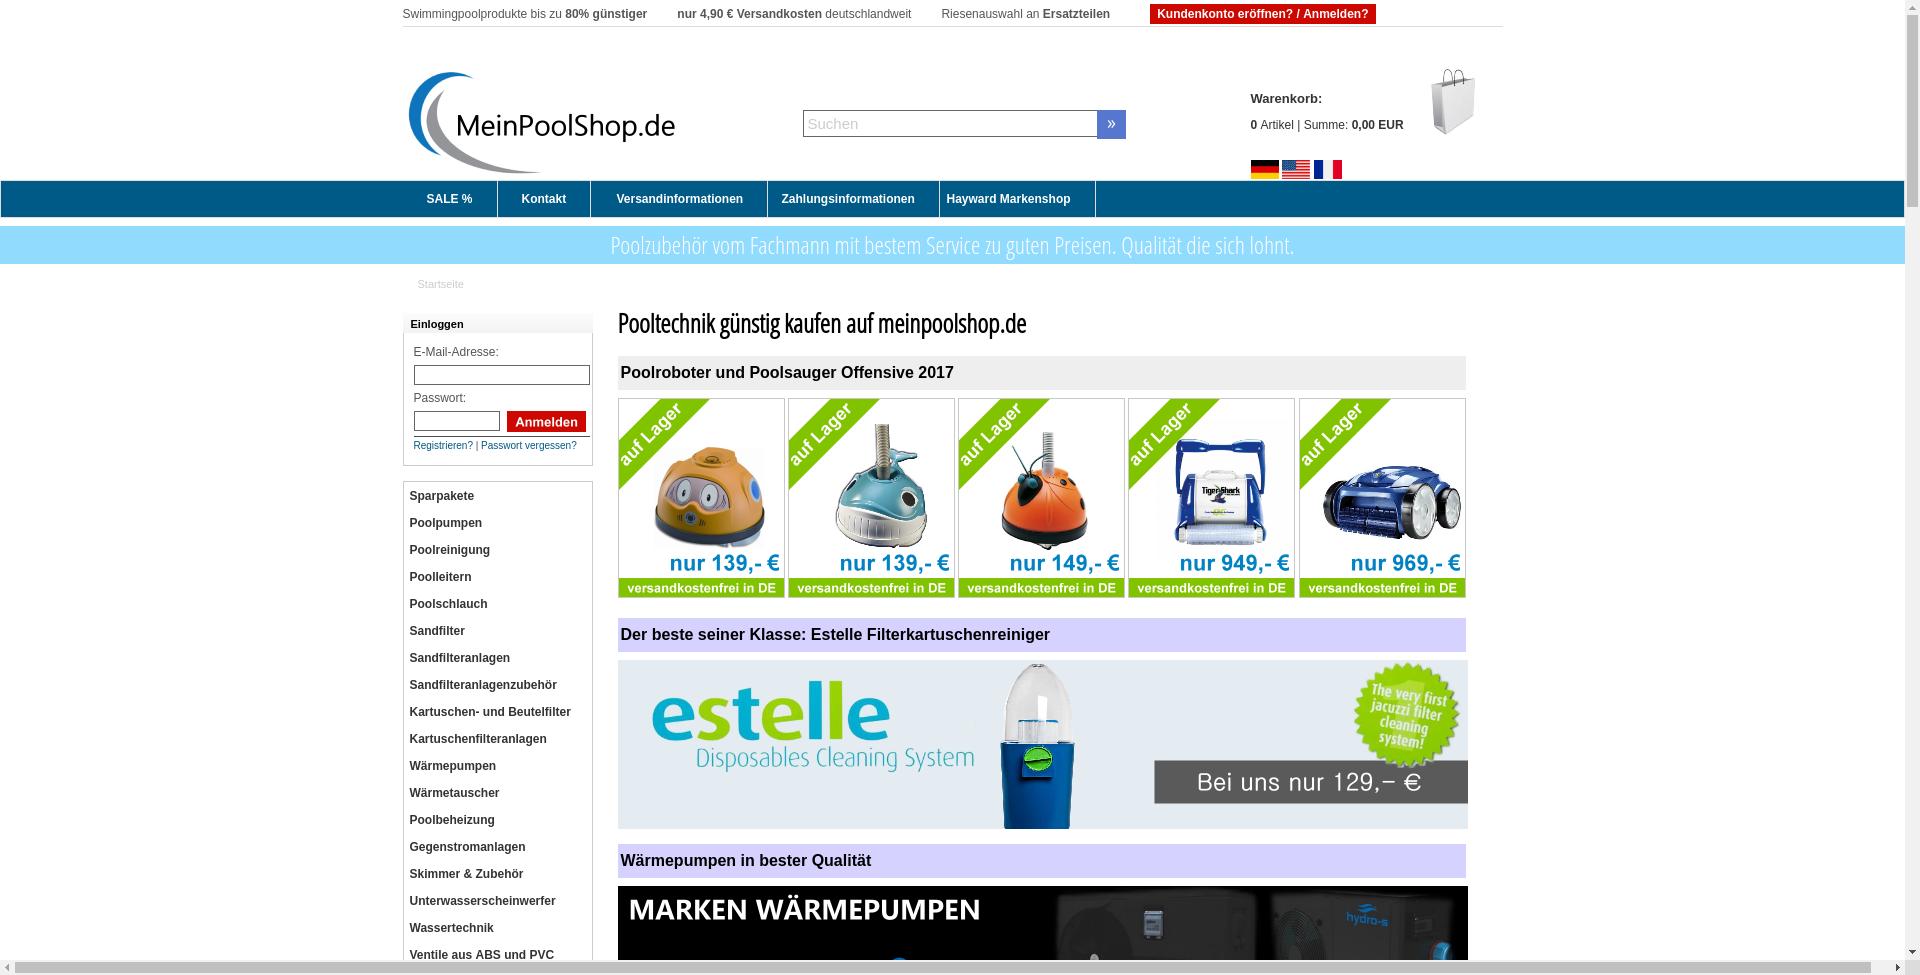 MeinPoolShop.de